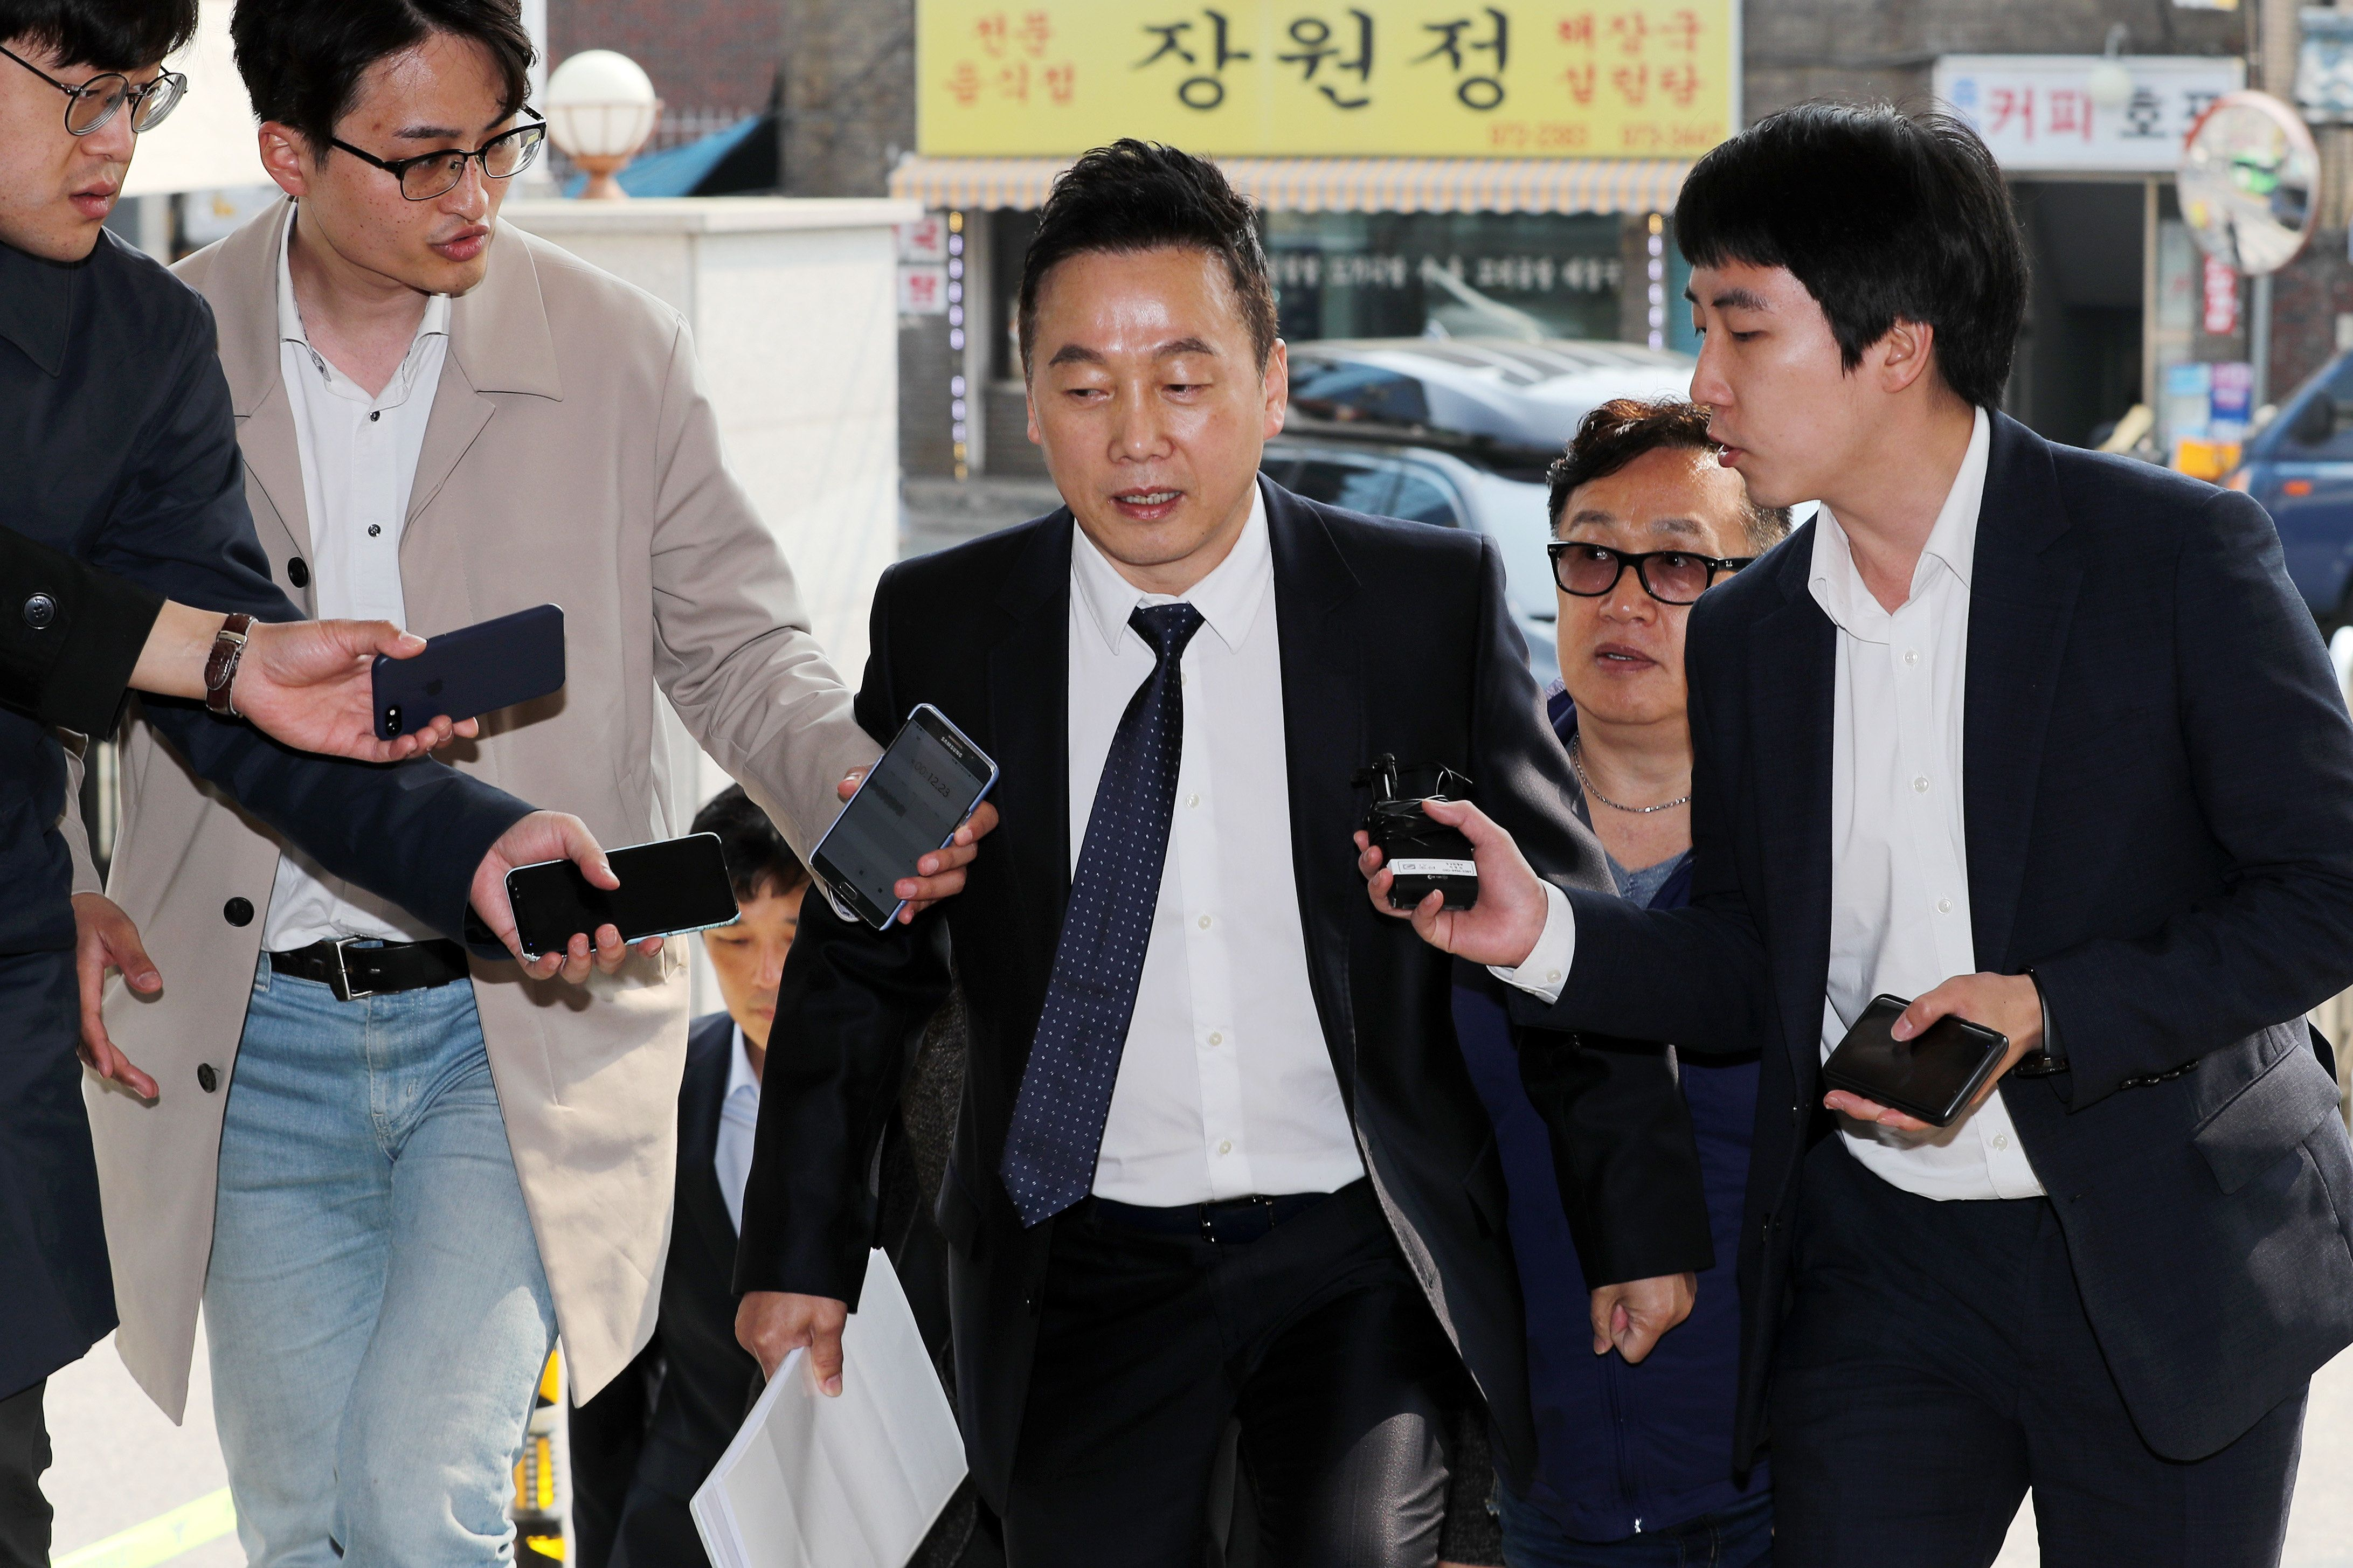 경찰 출석한 정봉주, 성추행 의혹 묻자 즉답